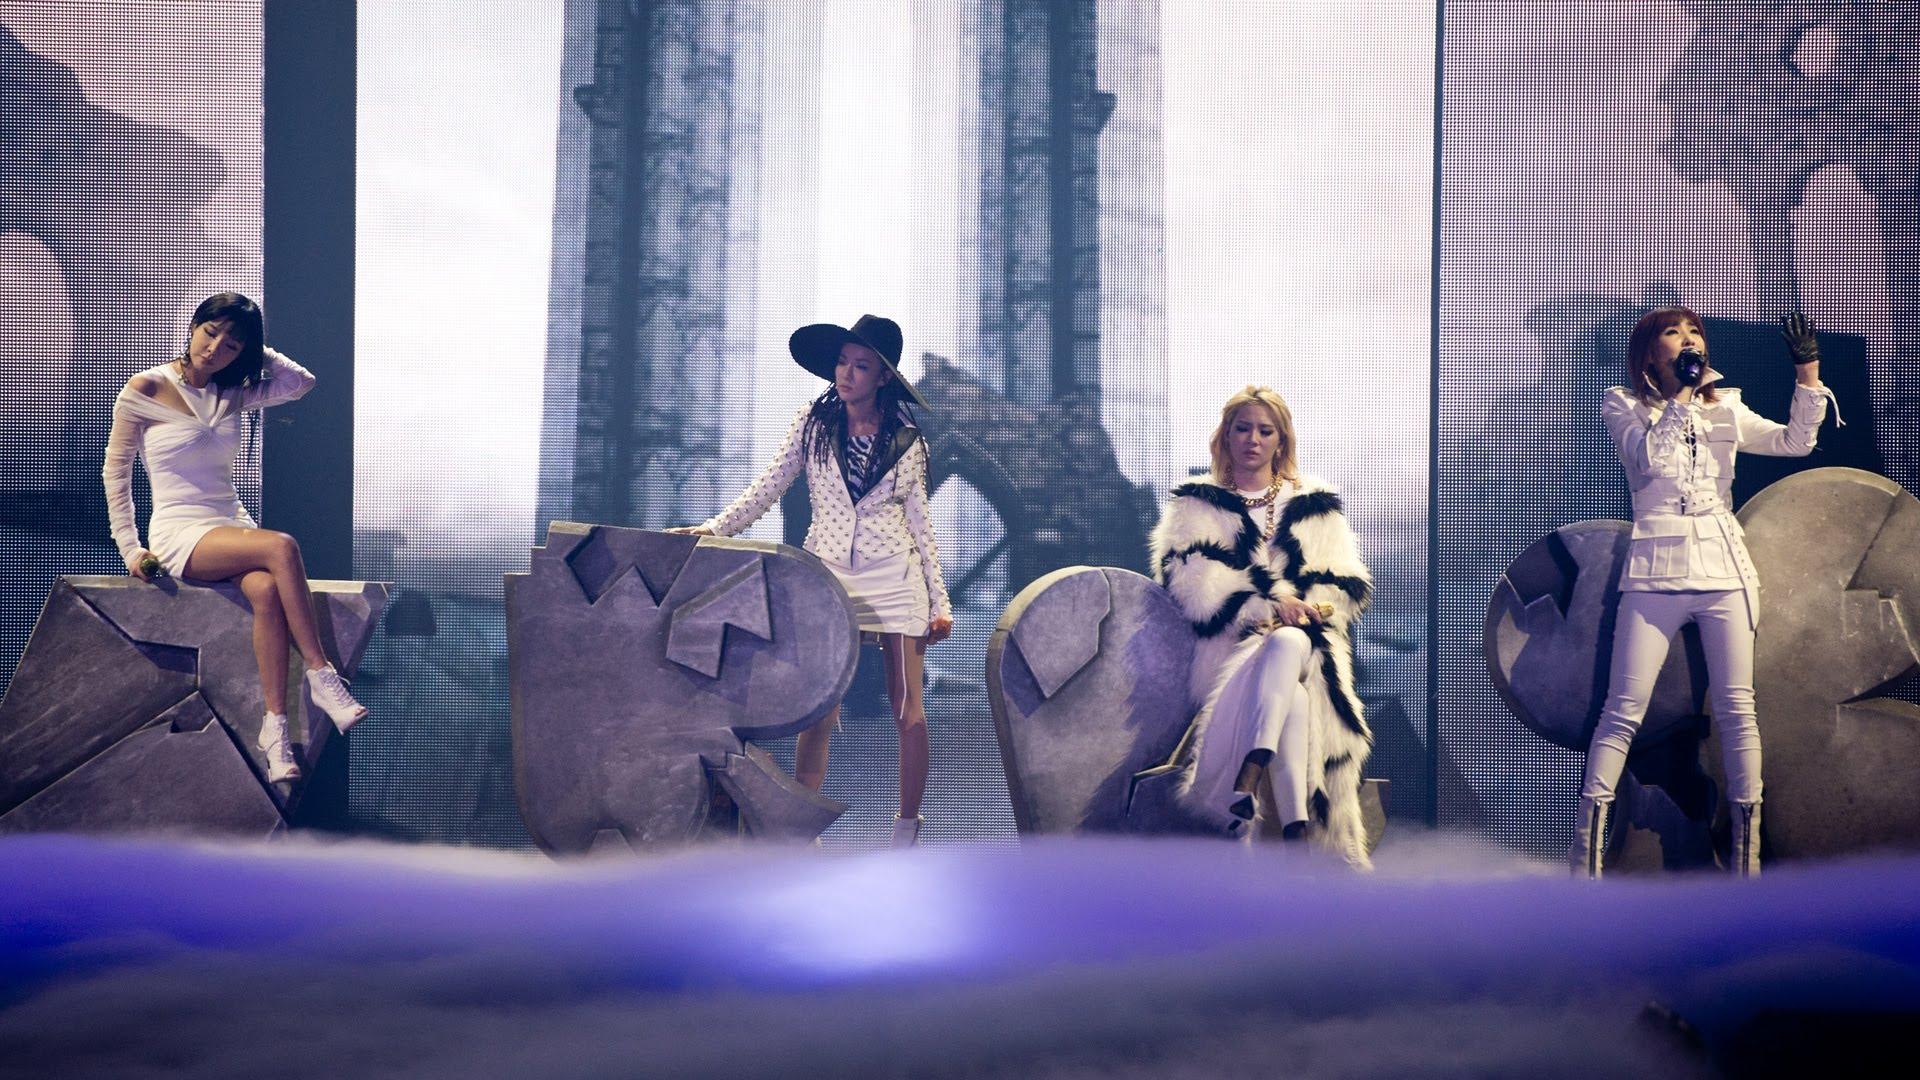 收錄在2NE1去年推出的第二張正規專輯《Crush》的這首《살아 봤으면 해 (IF I WERE YOU)》,你聽過嗎?